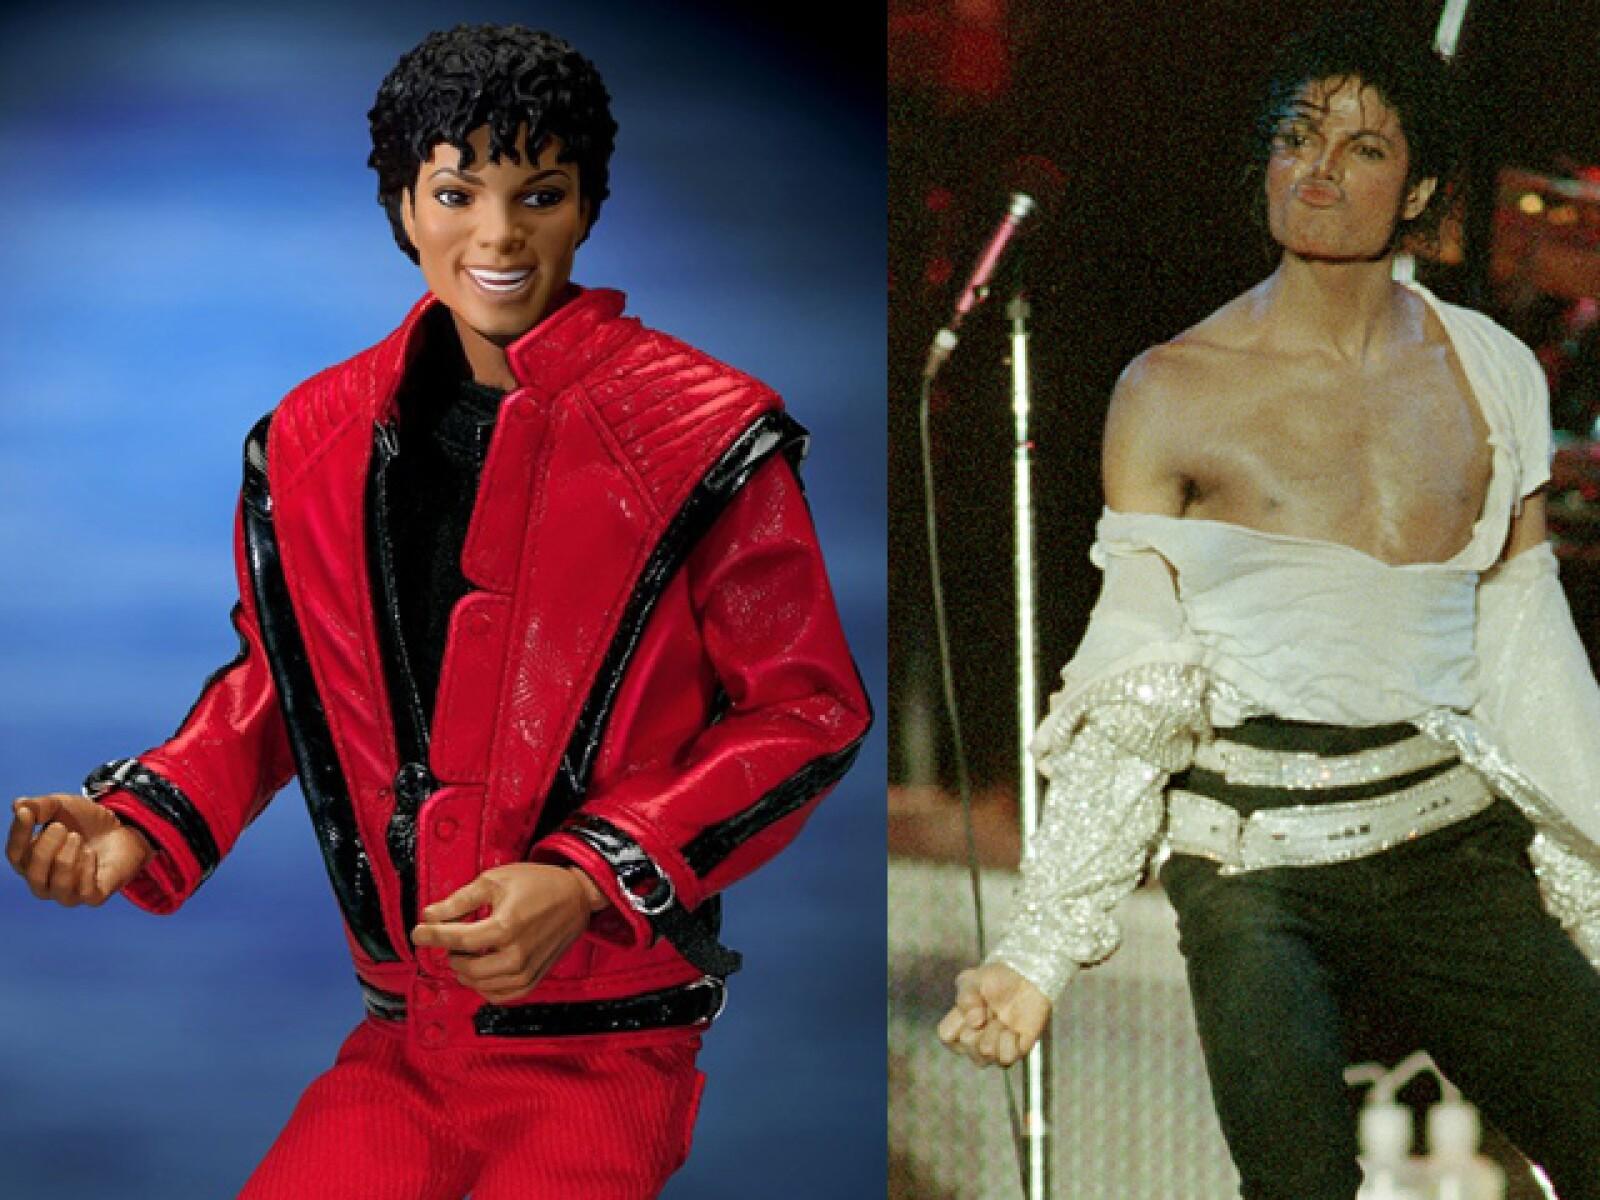 El Rey del Pop no podía carecer de una imagen que garantizara a sus fans tenerlo cerca por siempre.